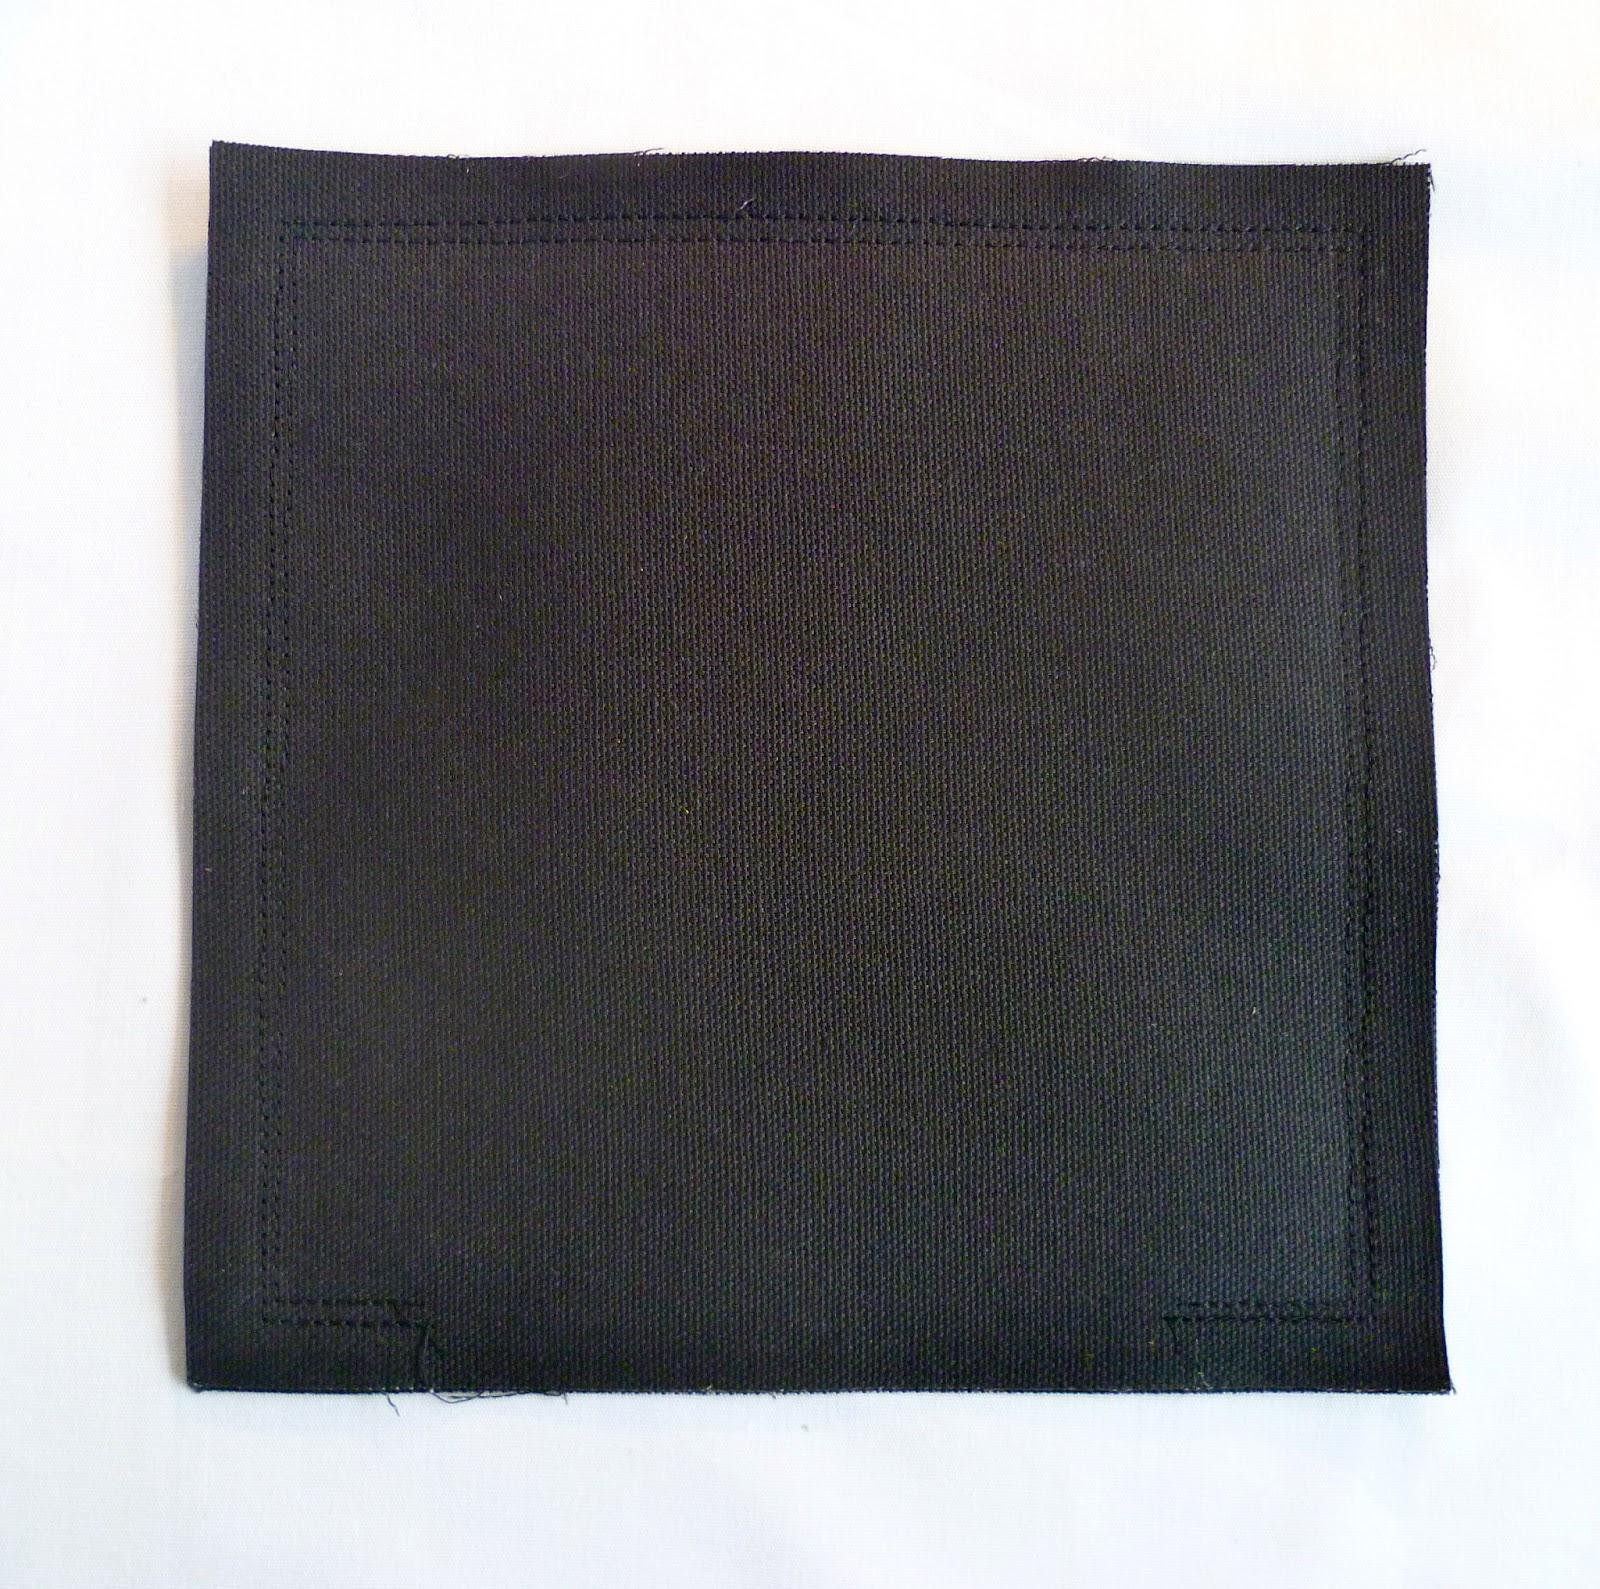 Bag after both seams are sewn